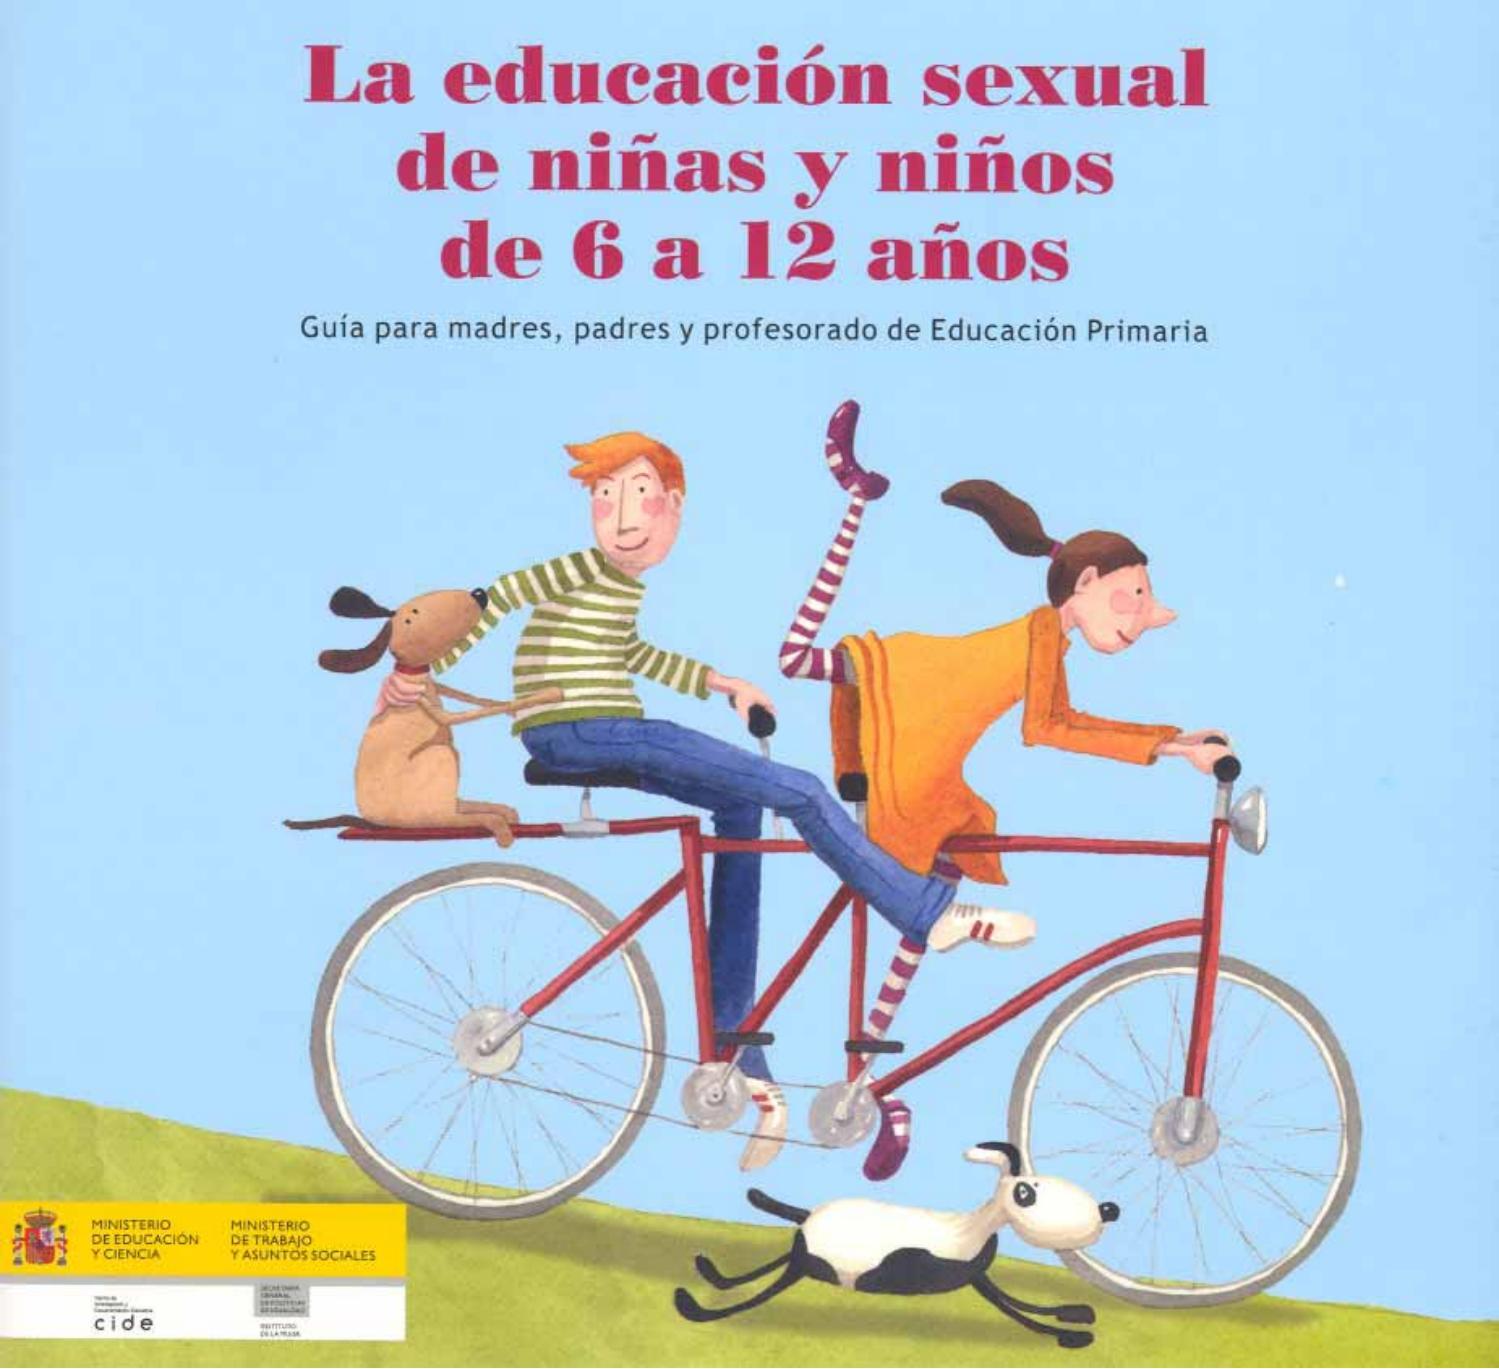 Niños Haciendo Porno En El Instituto la educación sexual de niños y niñas de 6 a 12 años, guía